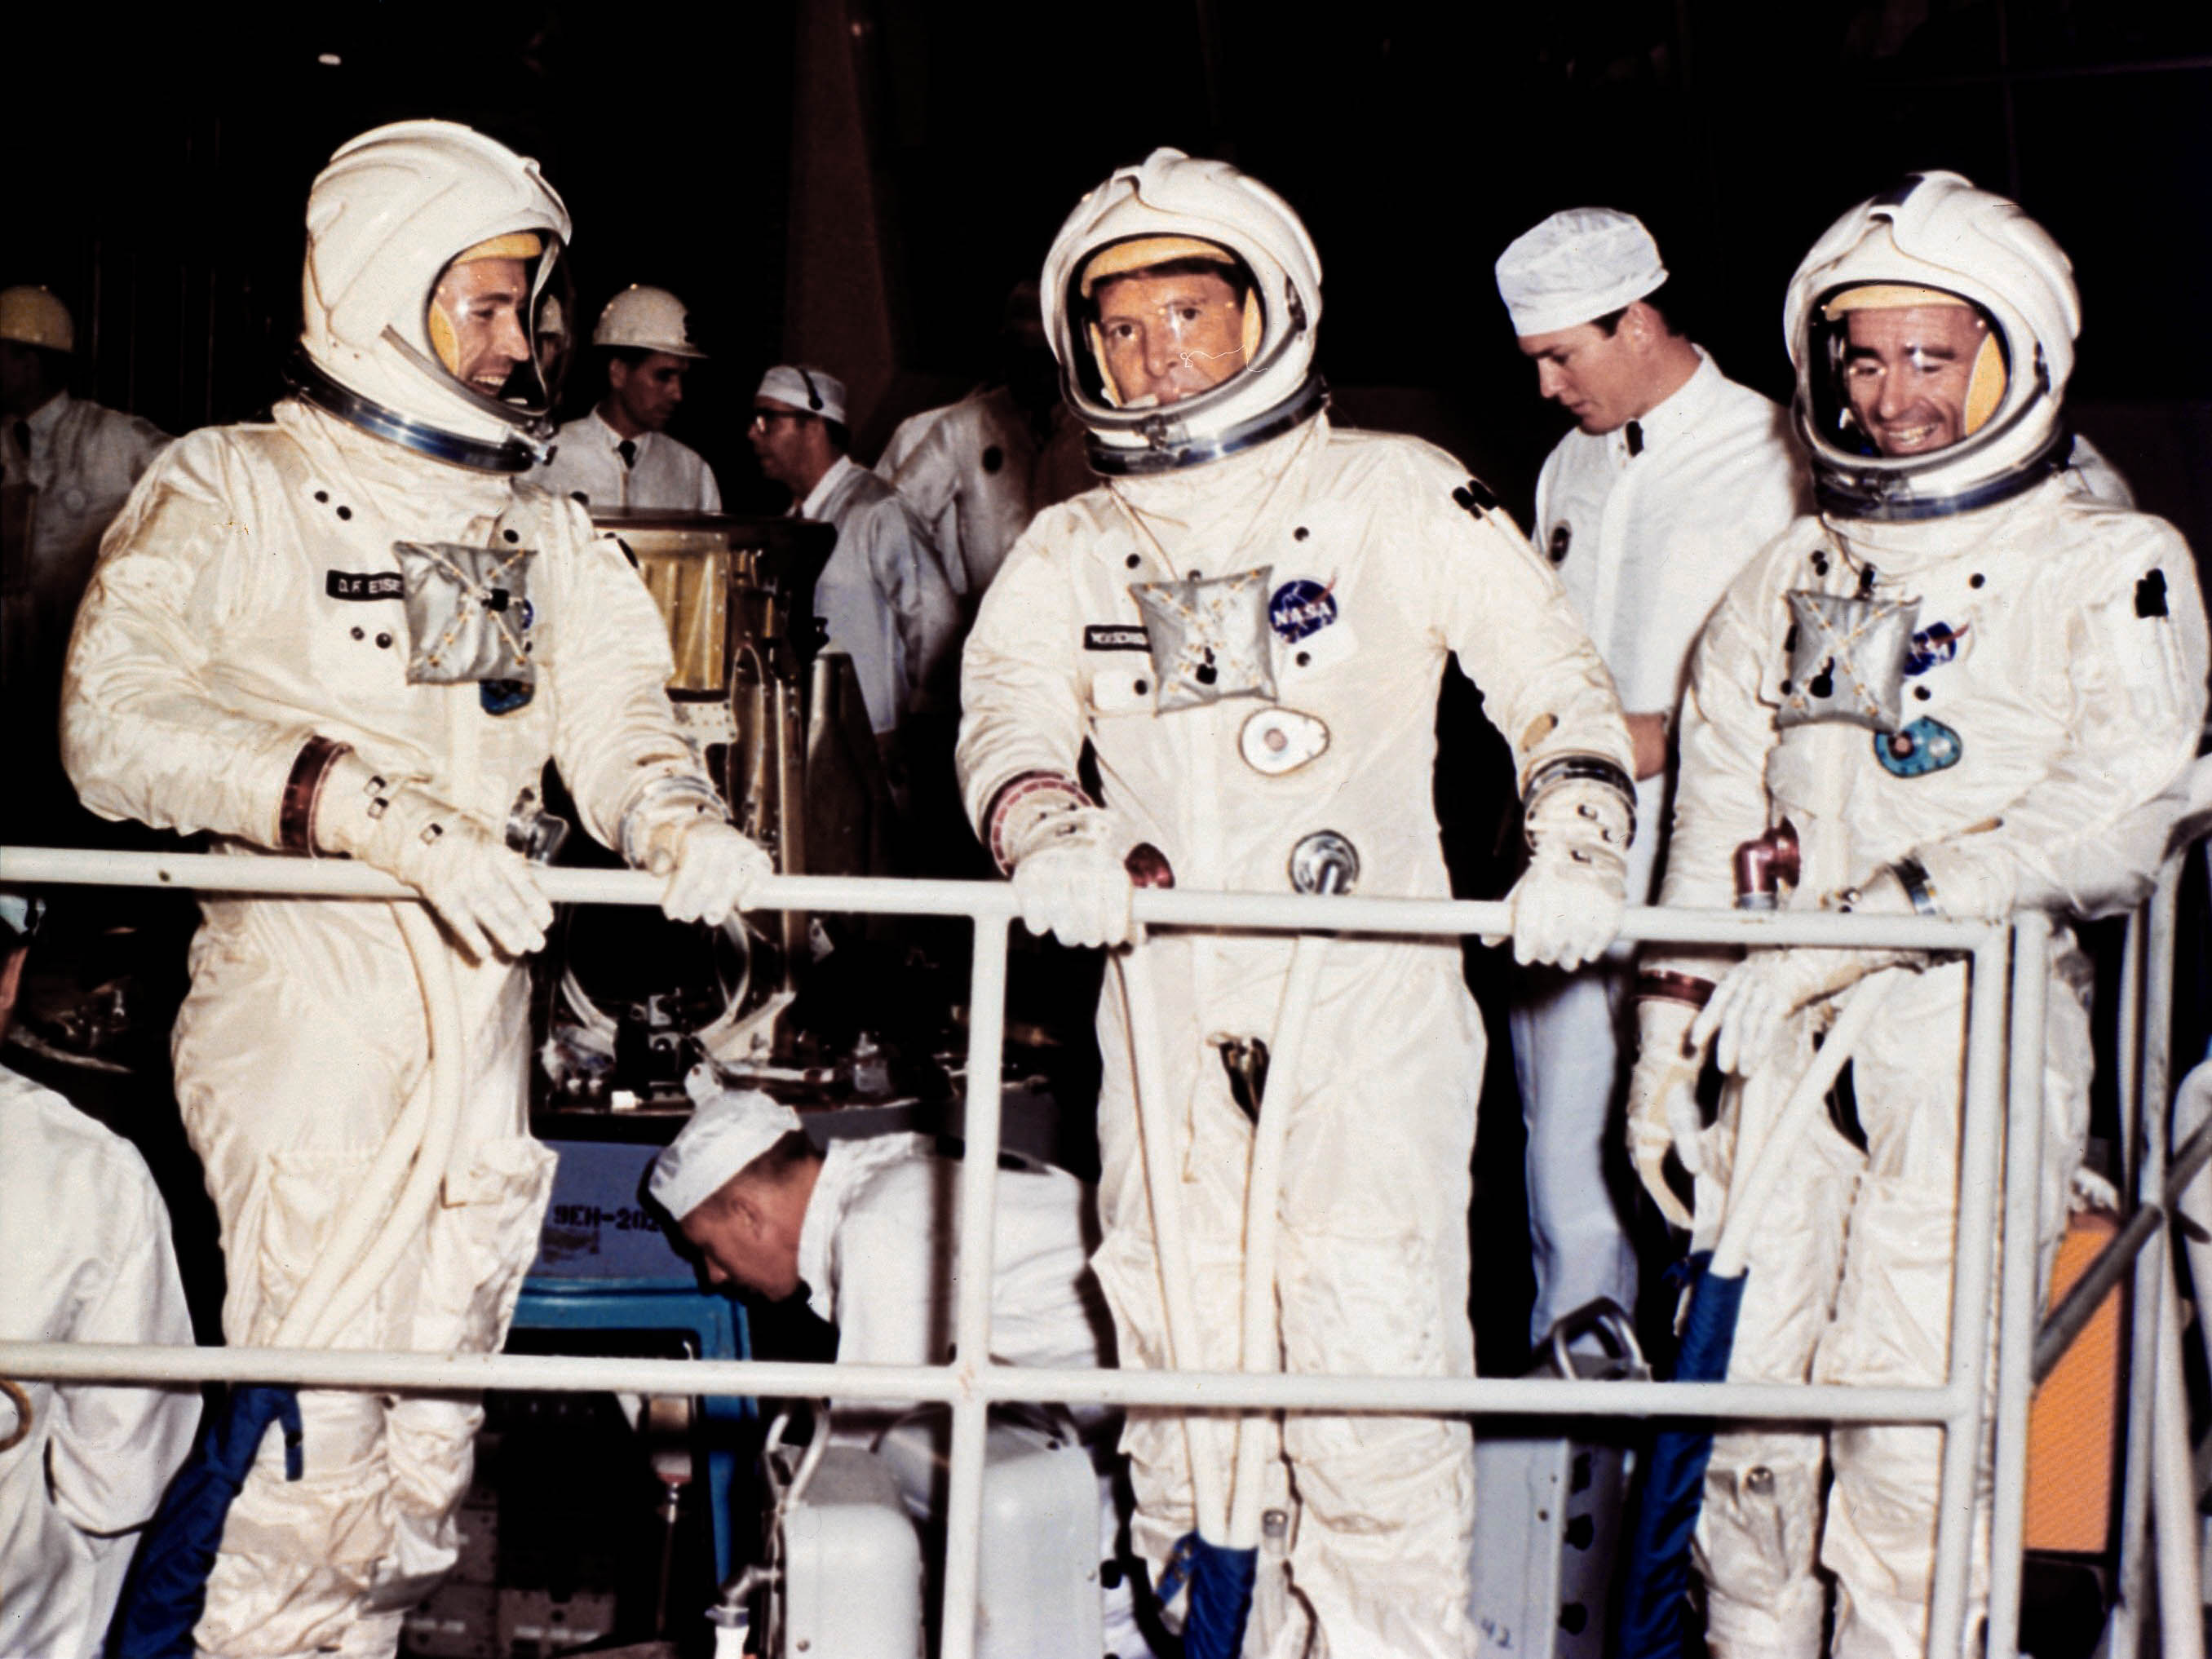 apollo space missions books - photo #49